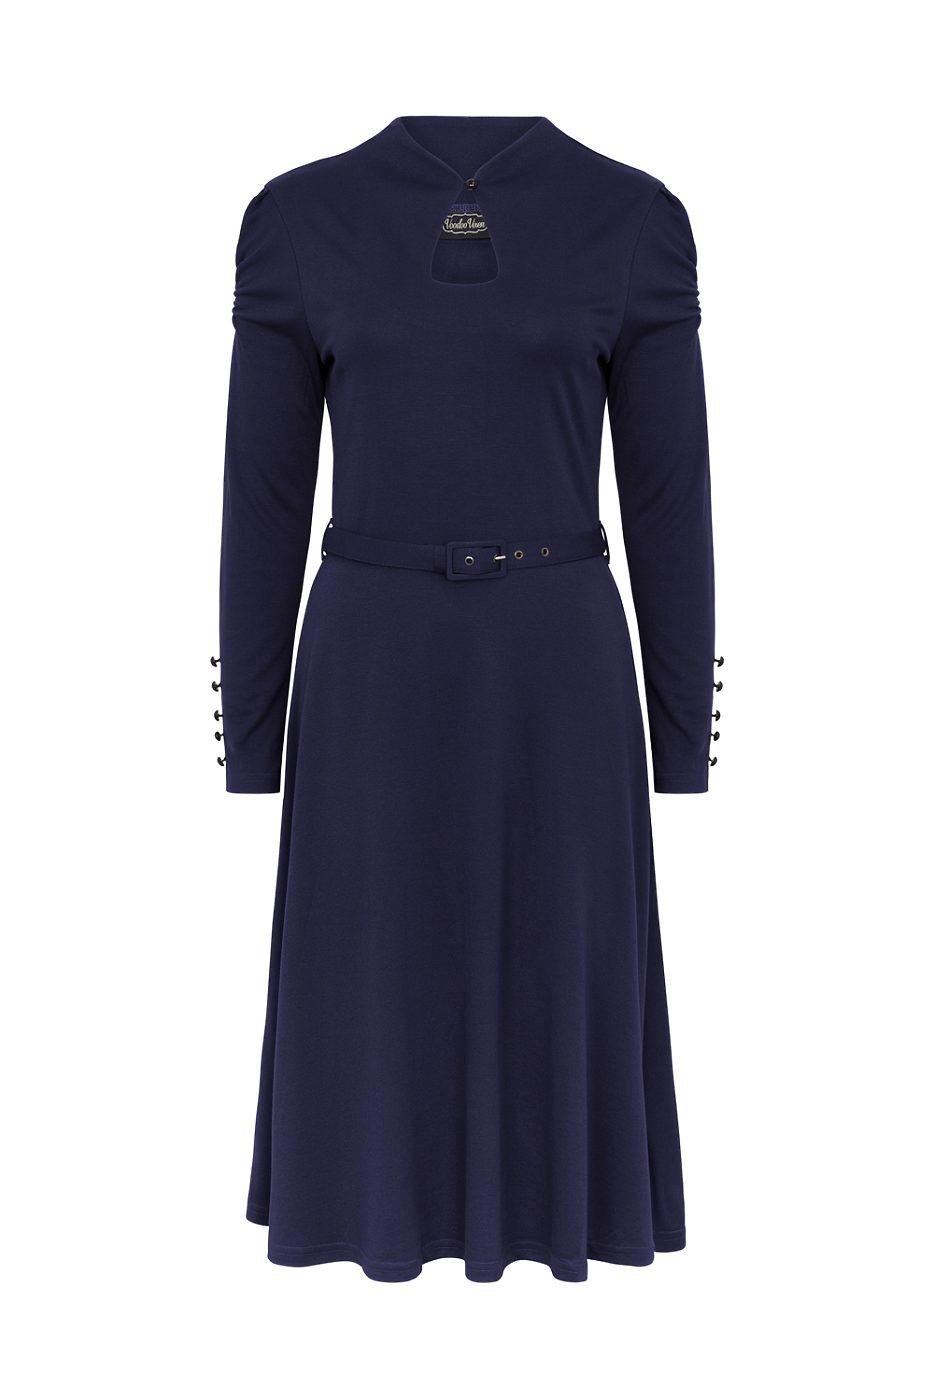 ab2842b6c81 Šaty Jednobarevné šaty Tmavě modré šaty s dlouhým rukávem Voodoo Vixen Dita.  Novinka